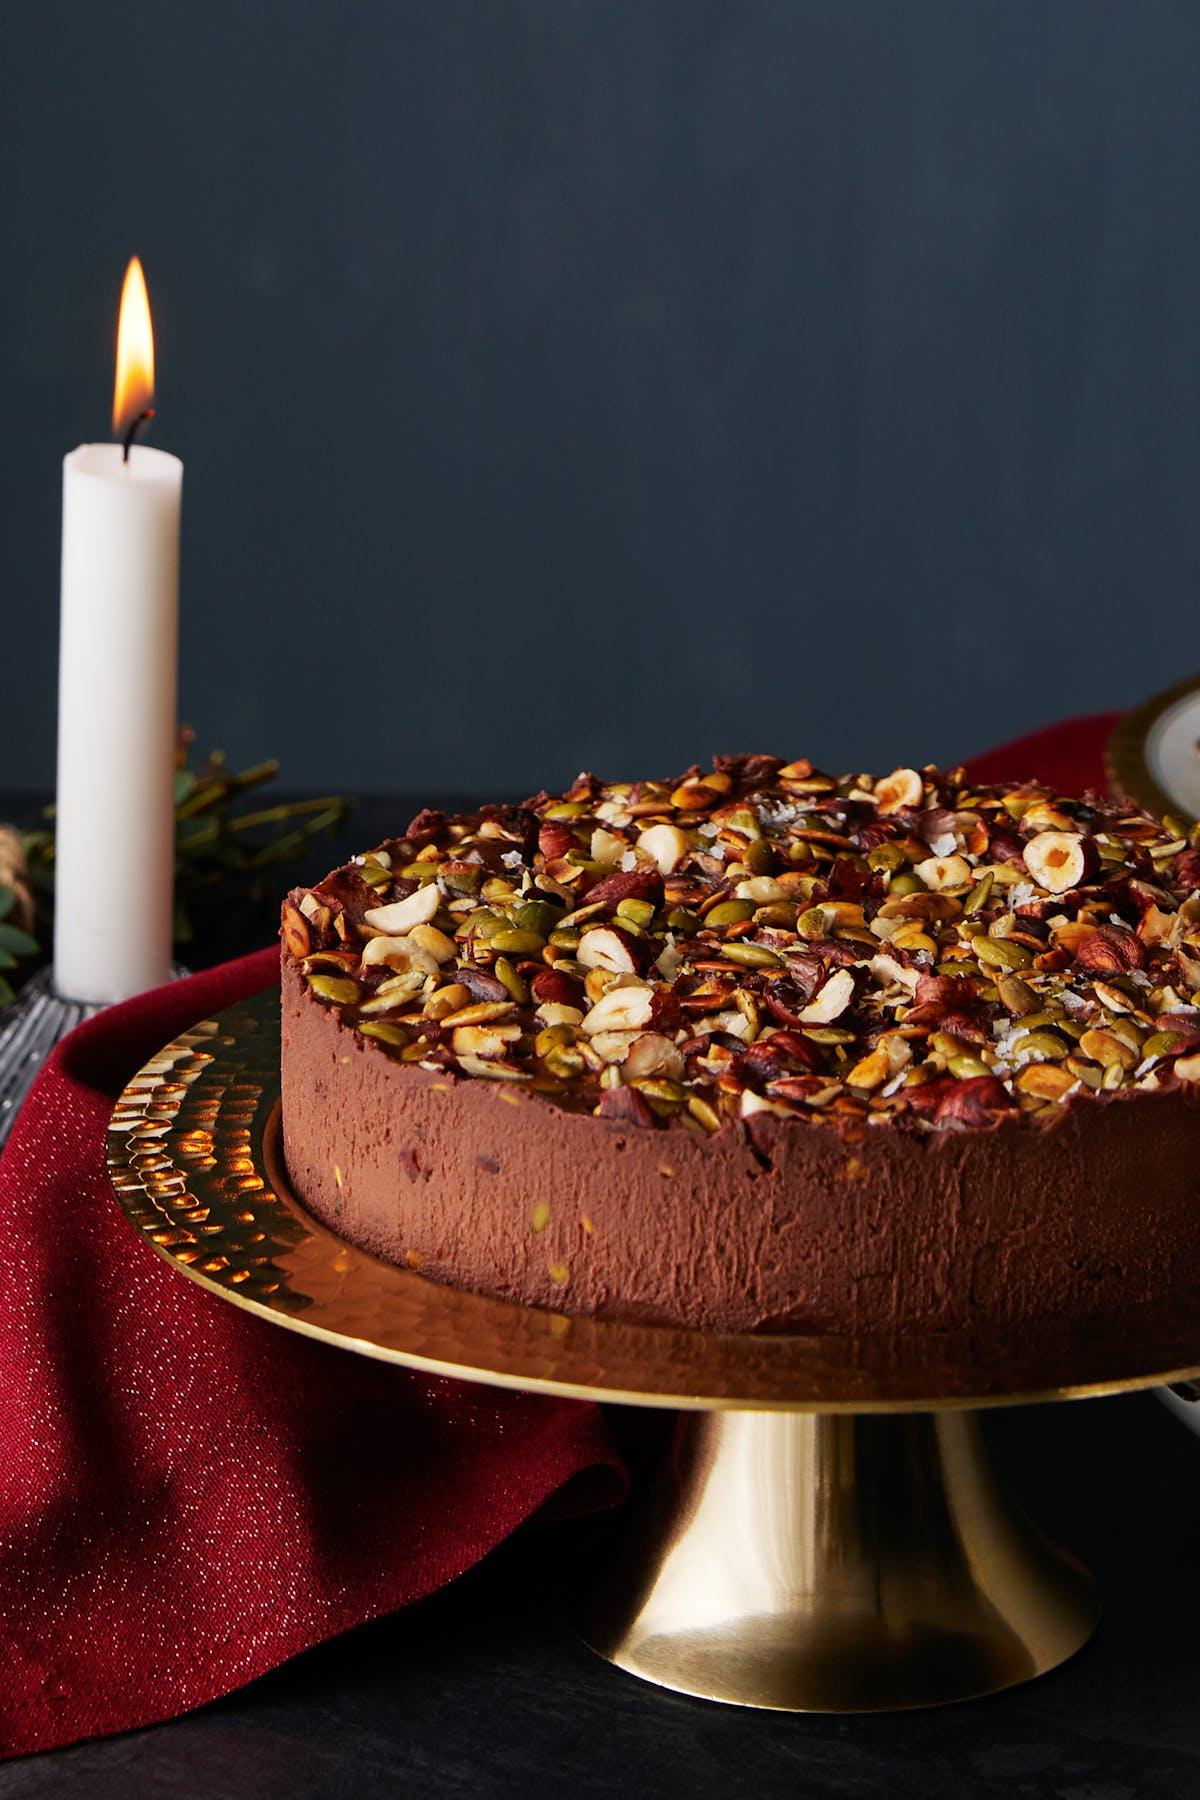 Keto no-bake chocolate cake